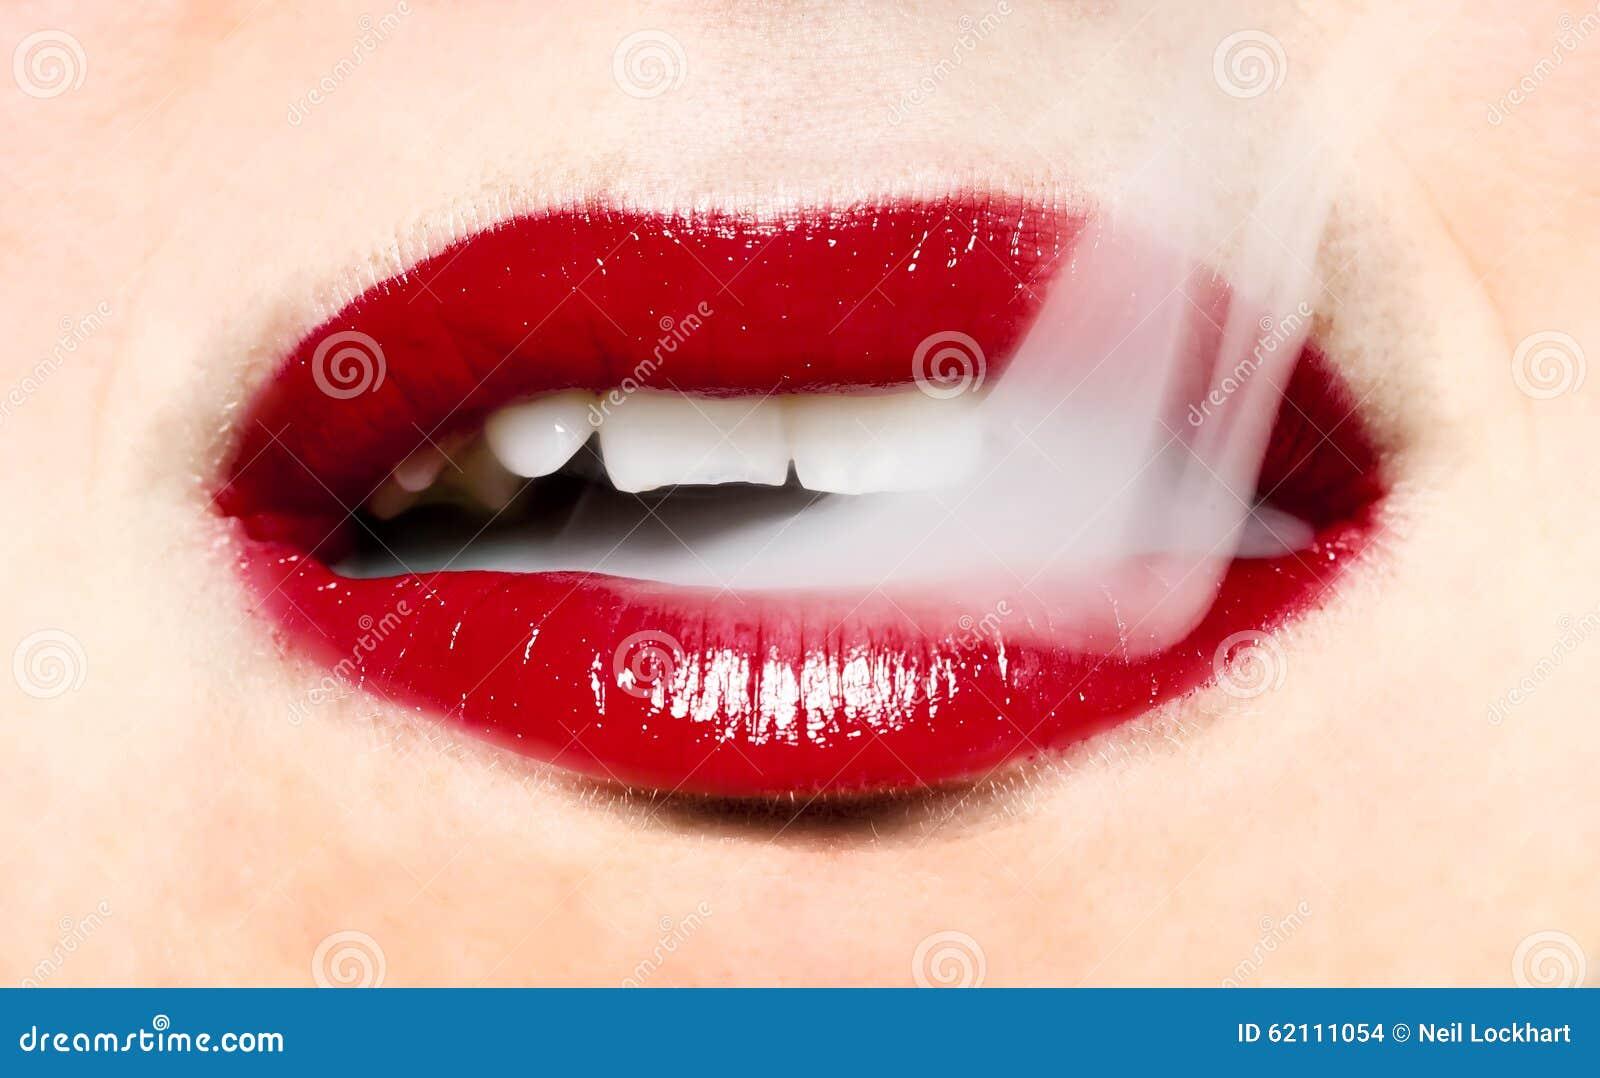 Smoking Red Lips